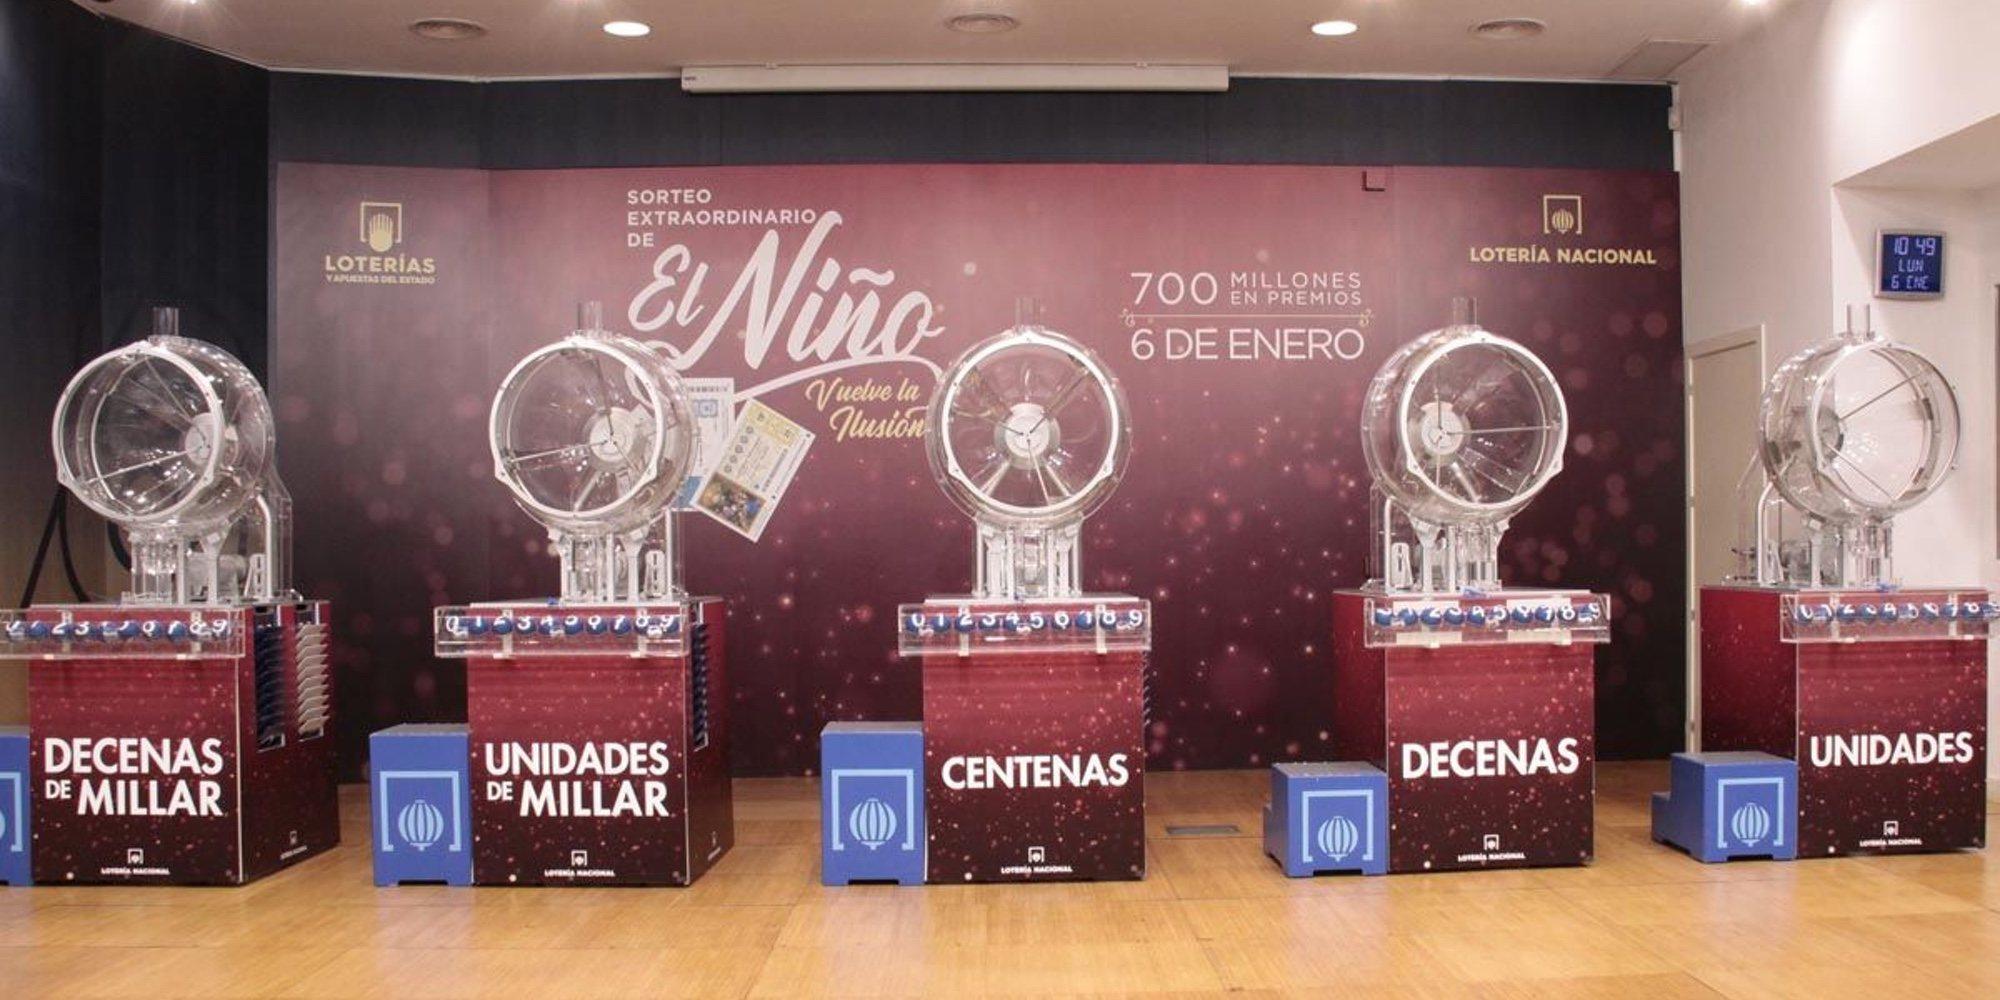 Todos los números premiados de la Lotería de El Niño 2021: El primer premio ha sido para el 19570